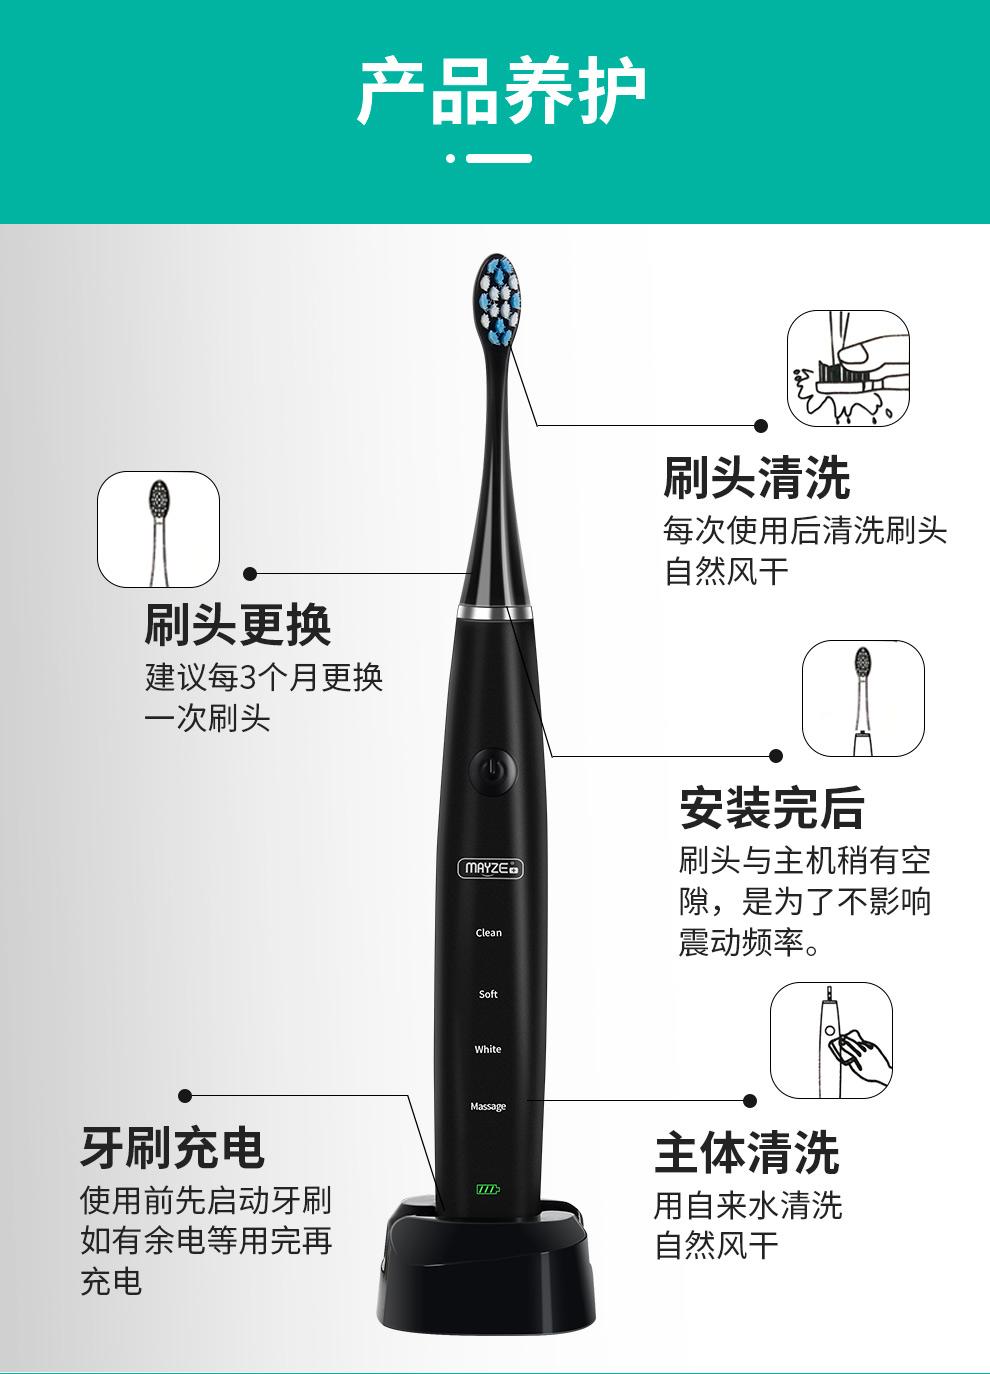 麦喆MAYZE EB001麦喆智能声波式全身防水电动牙刷(图15)